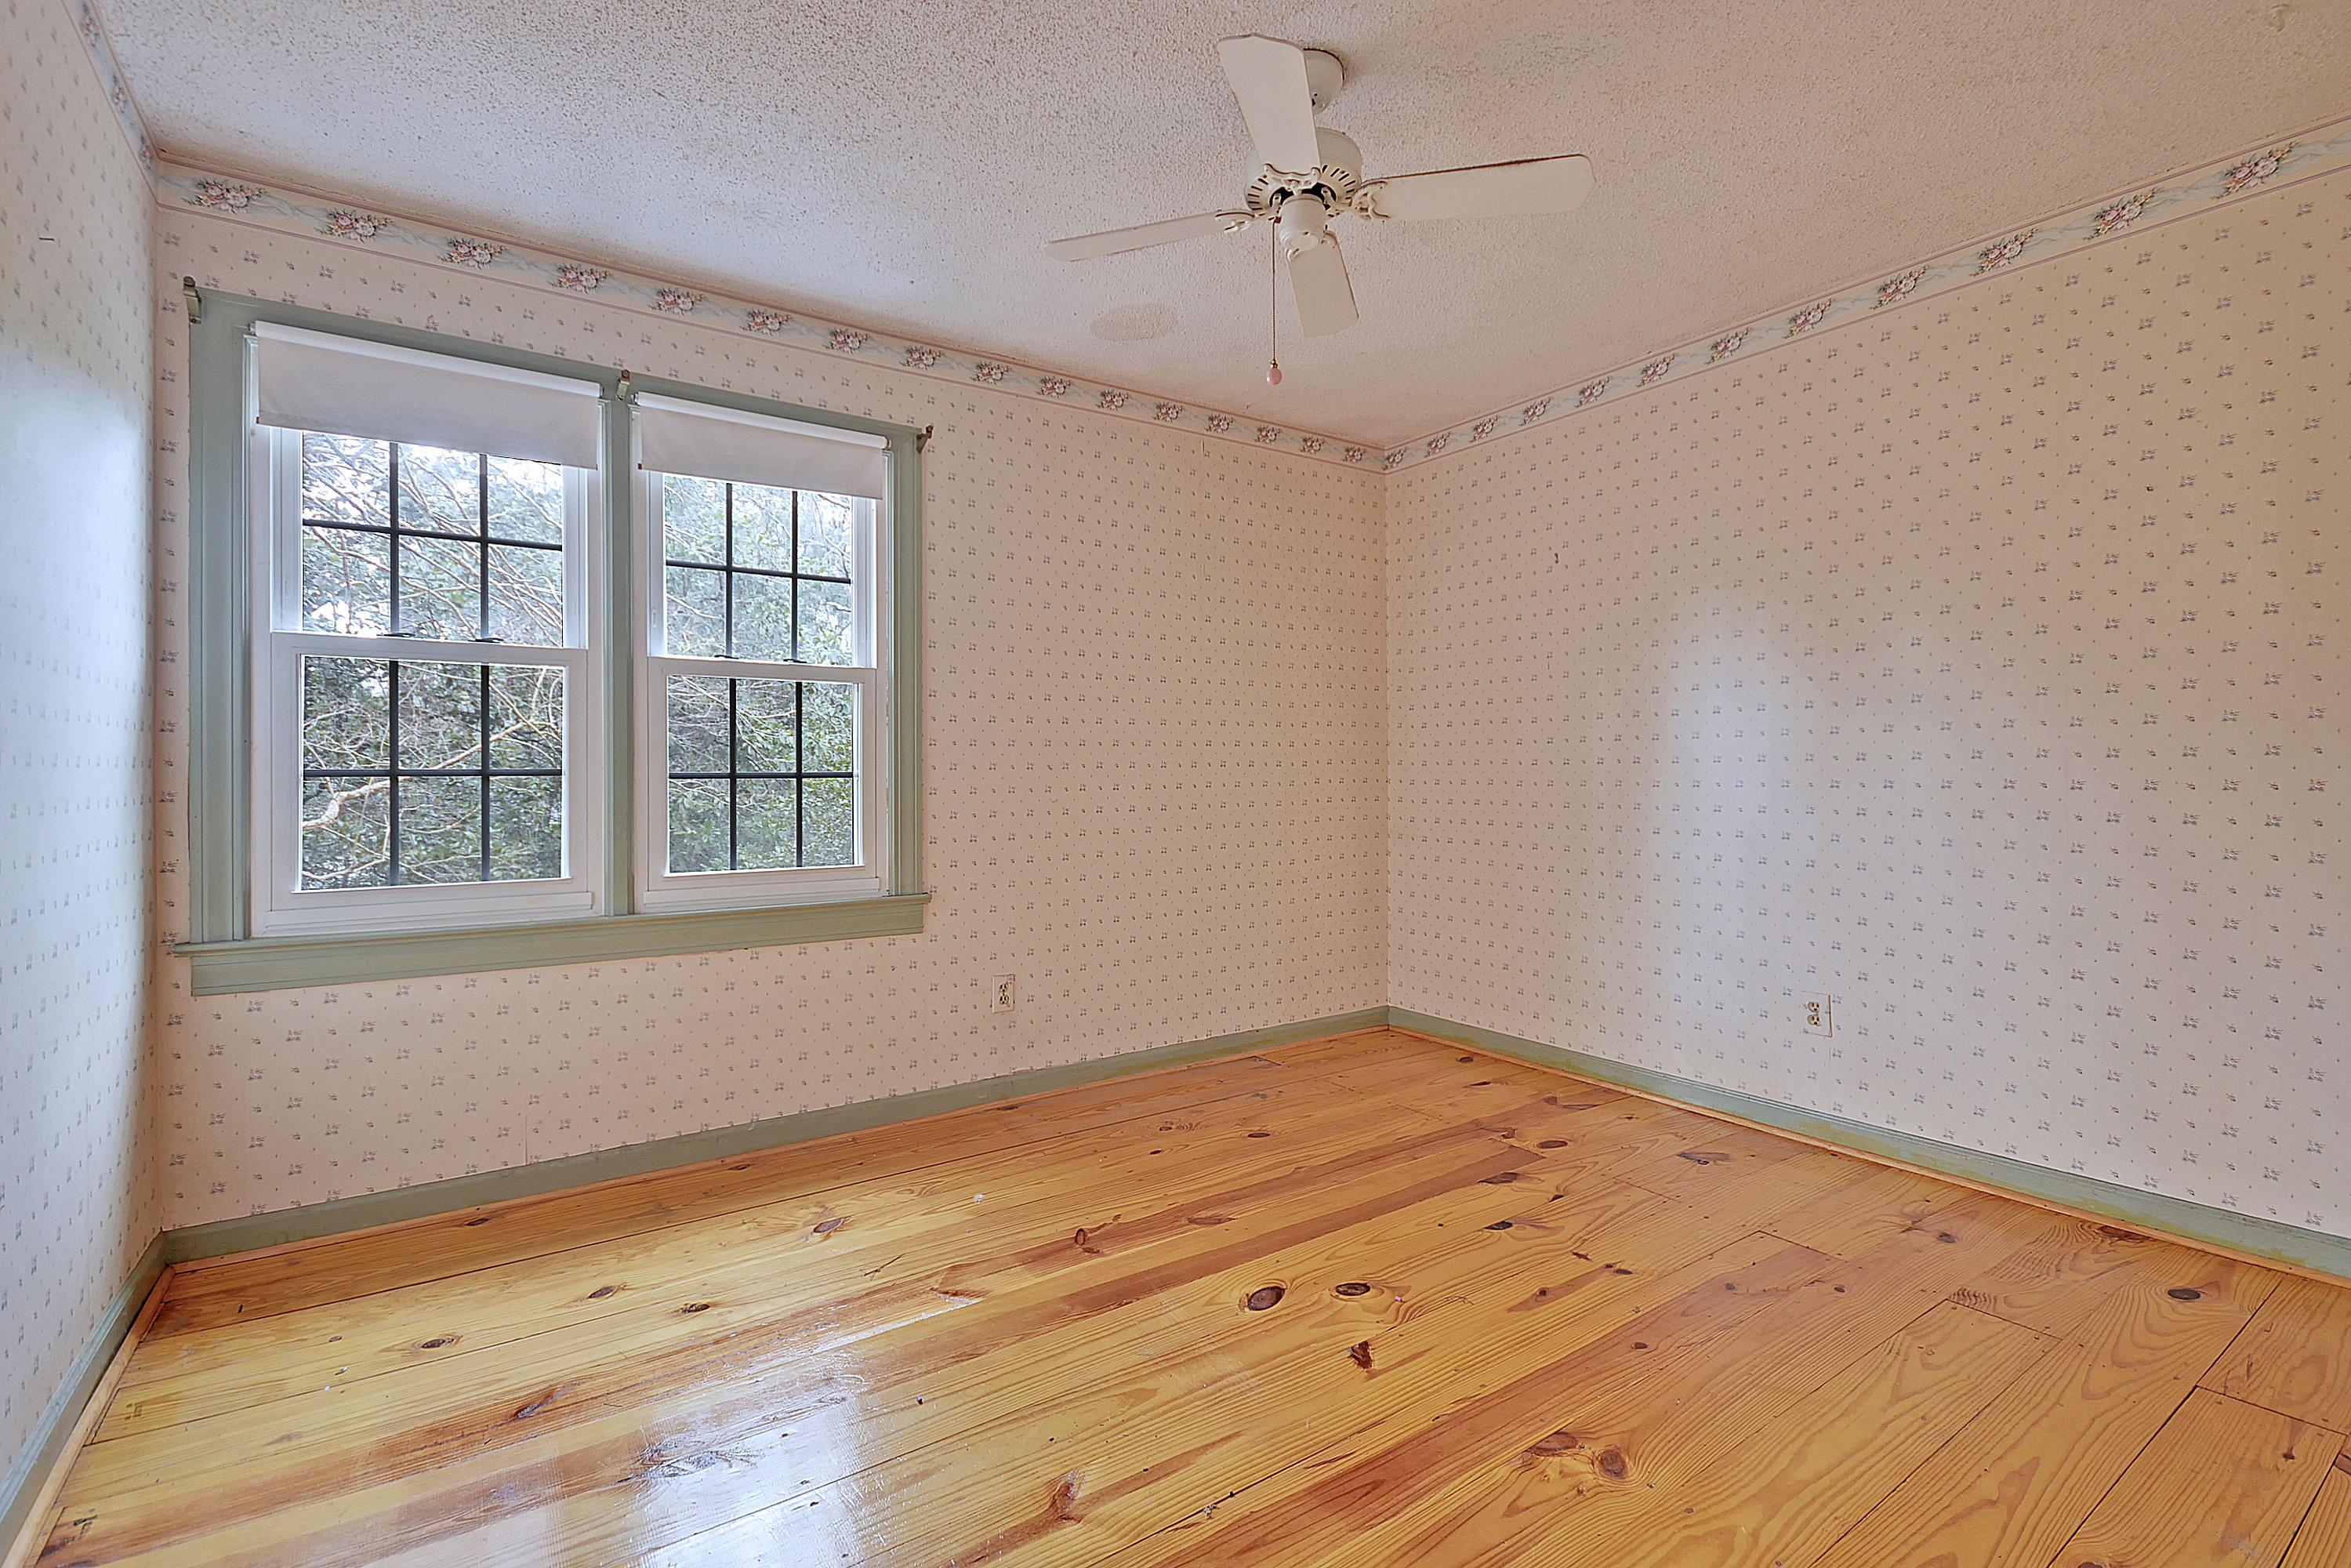 Pine Forest Inn Homes For Sale - 98 President, Summerville, SC - 5